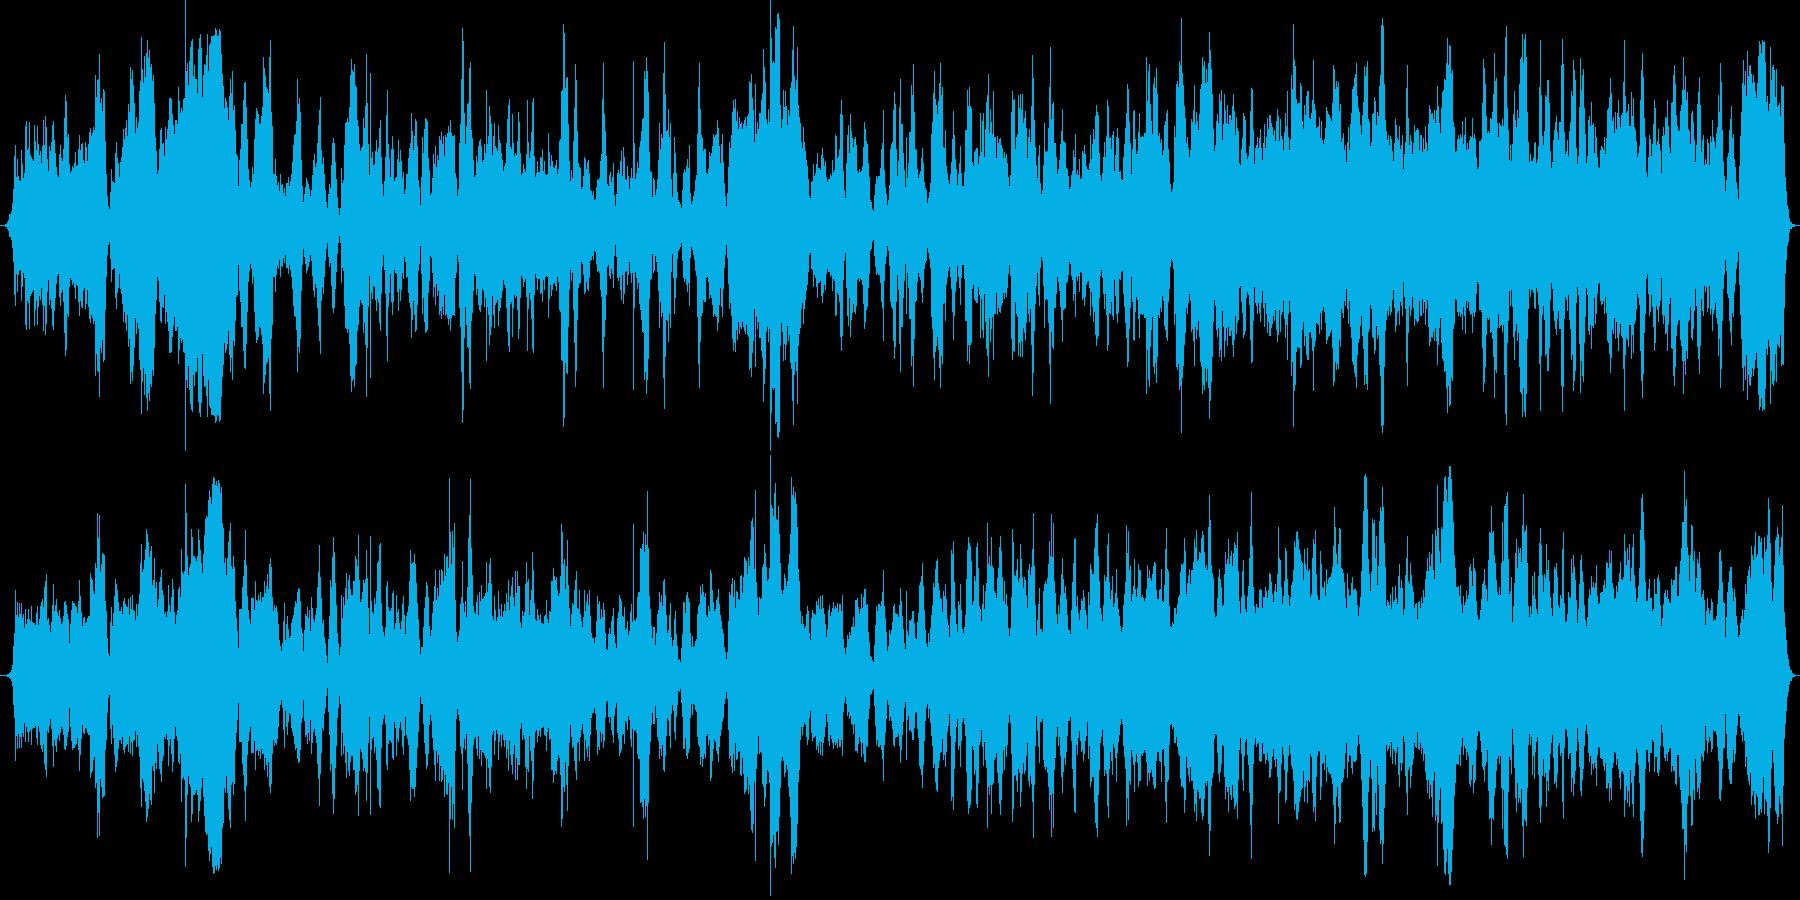 ふわっと広がりと緊張感のある幻想的な曲の再生済みの波形